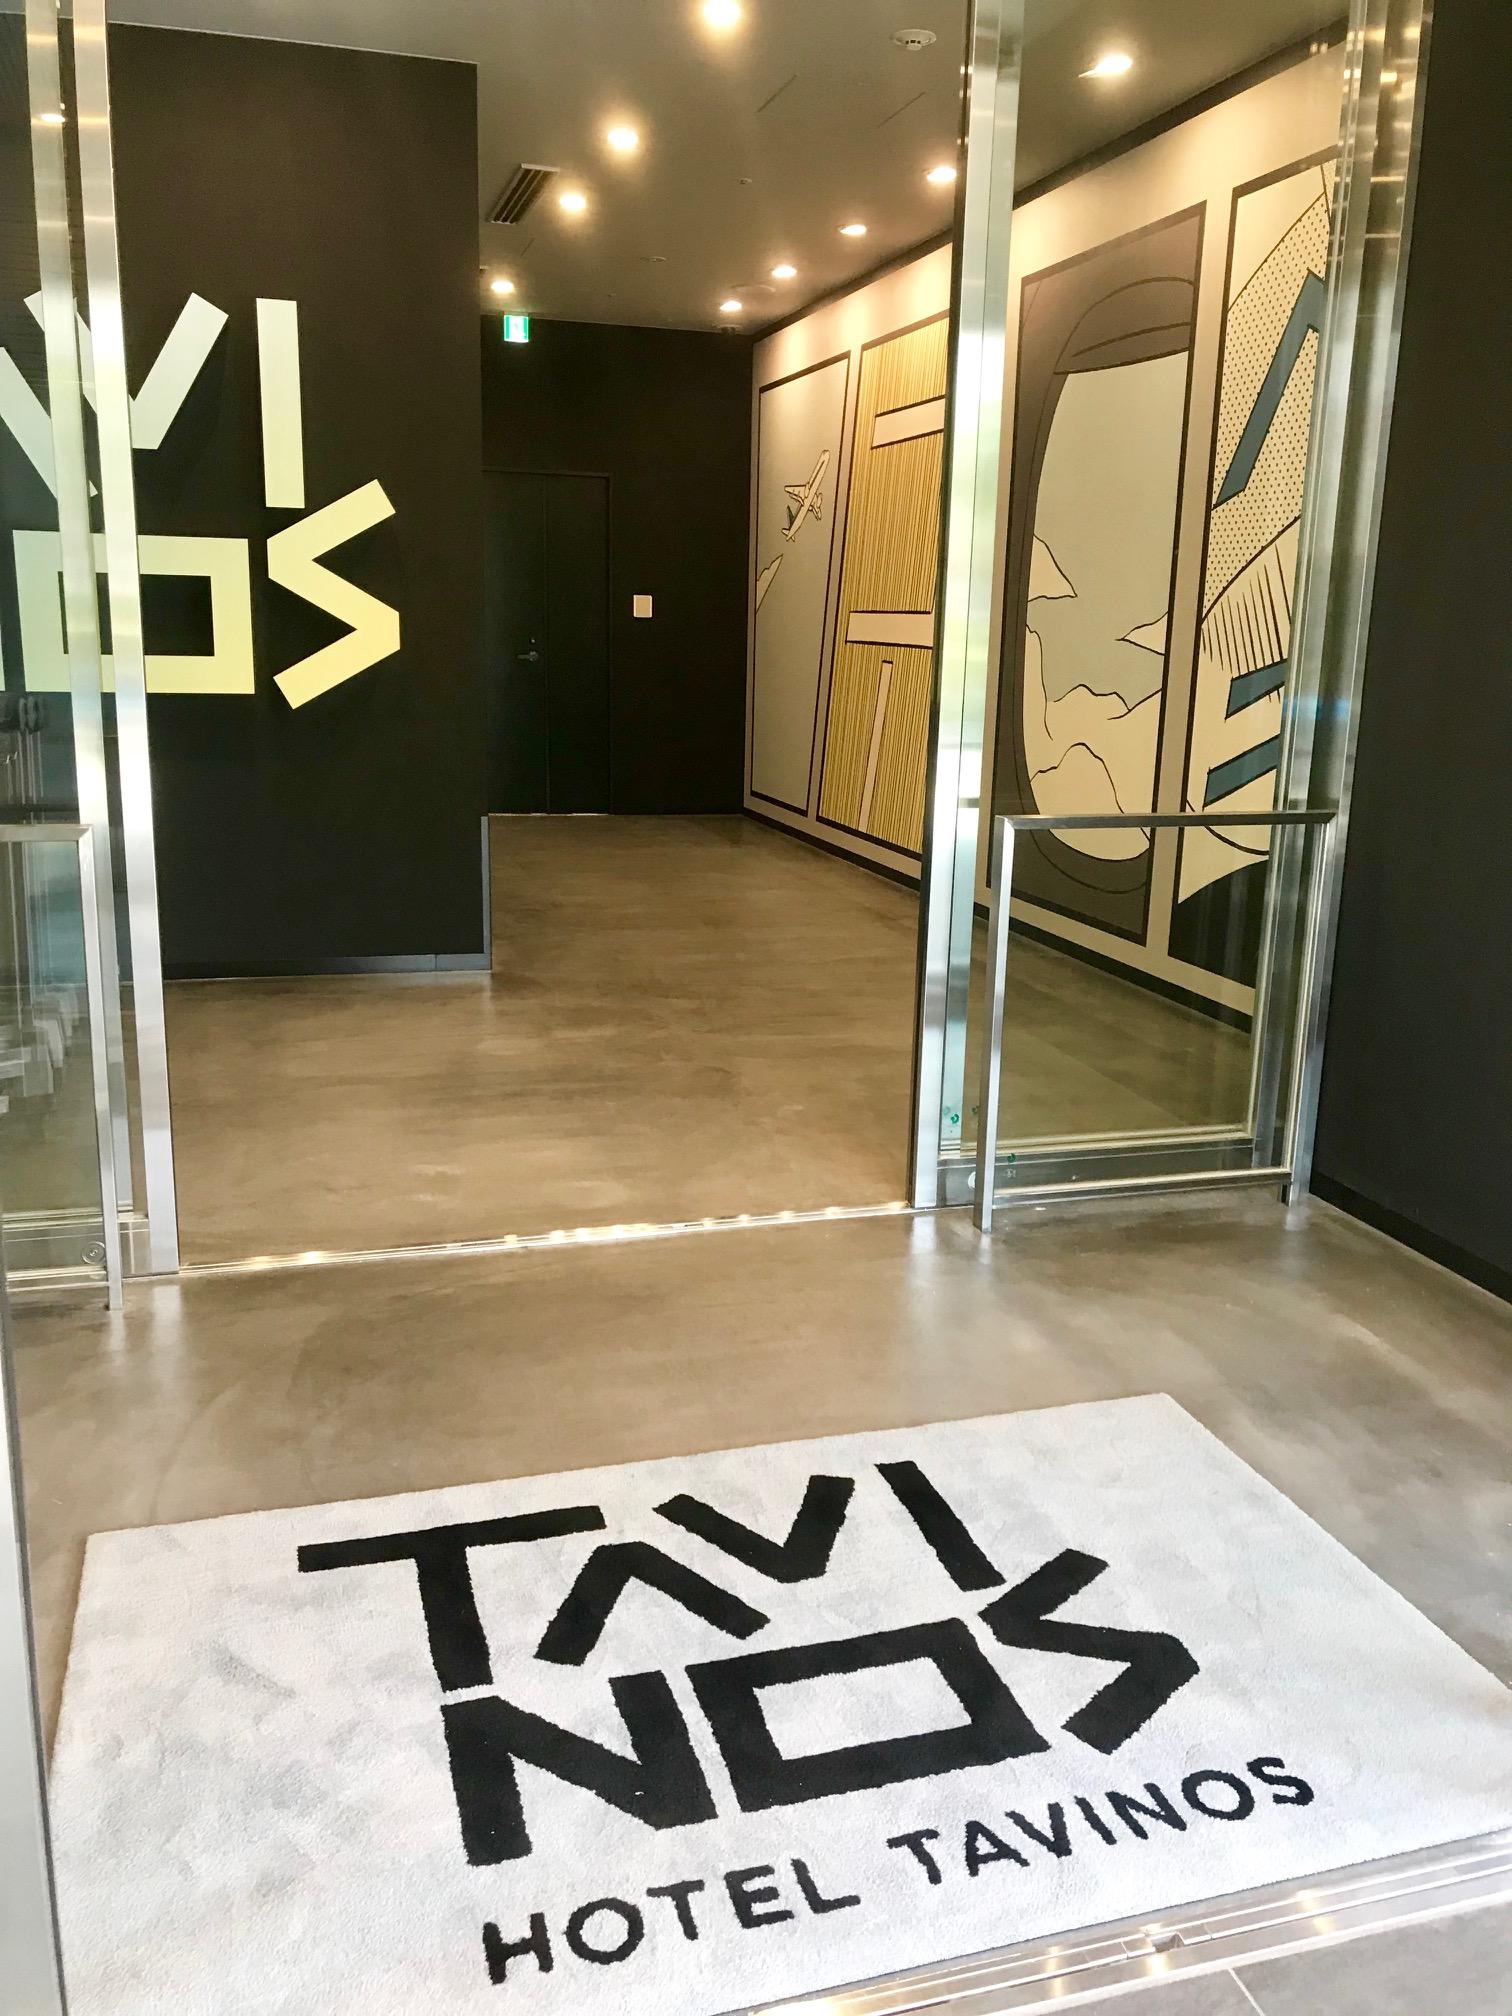 東京・浜松町に新ホテル「HOTEL TAVINOS Hamamatsucho」がオープン!マンガをコンセプトにした、交通アクセス抜群のユニークホテル_3